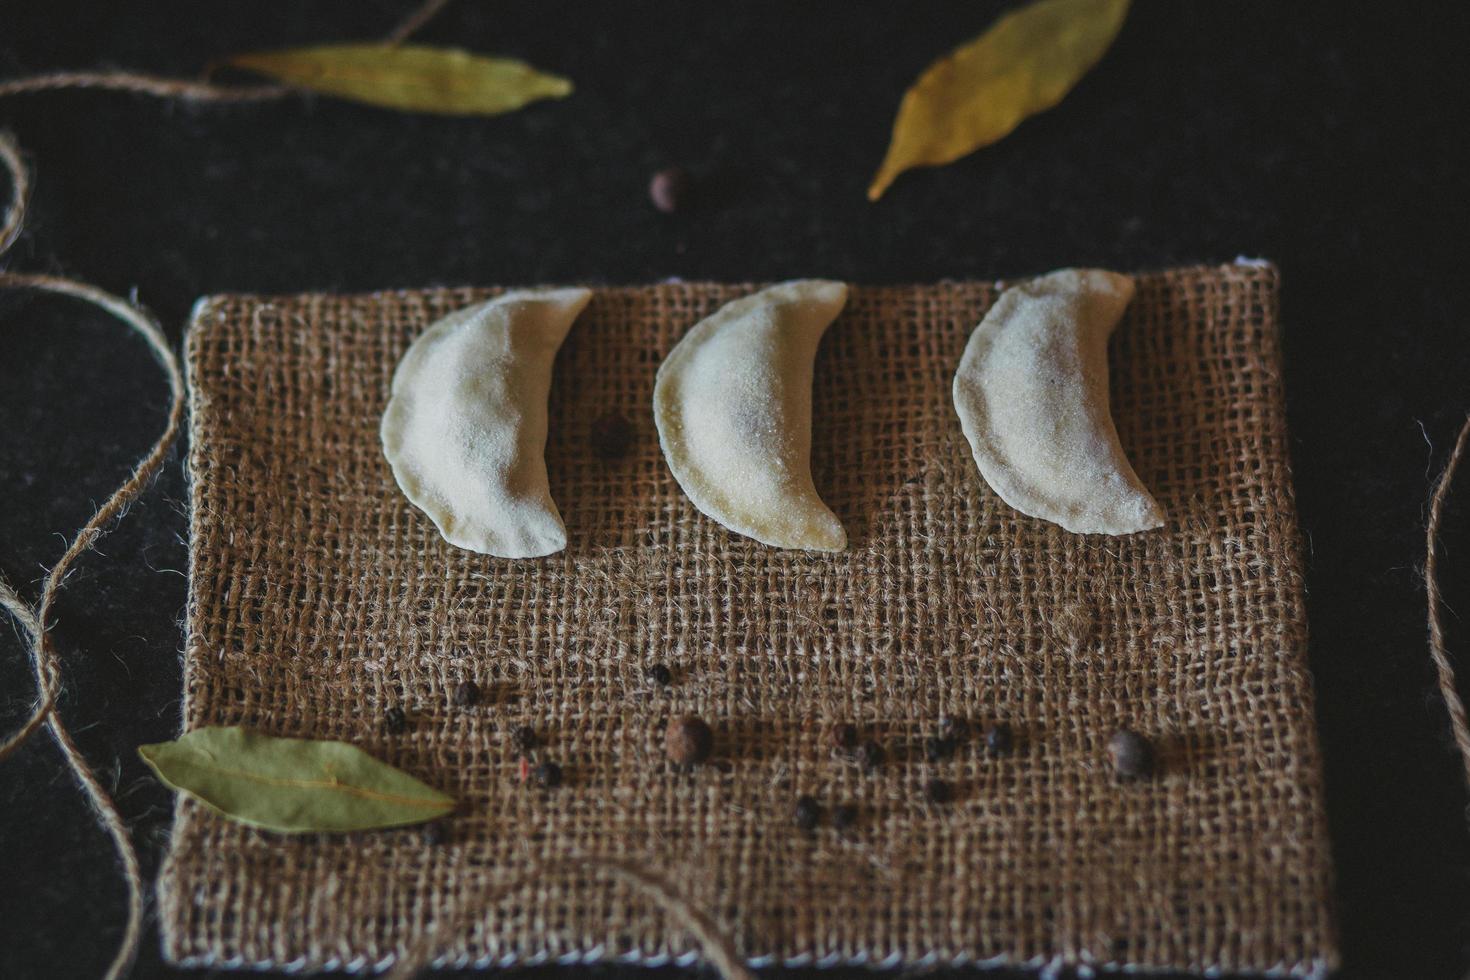 empanadas op doek foto